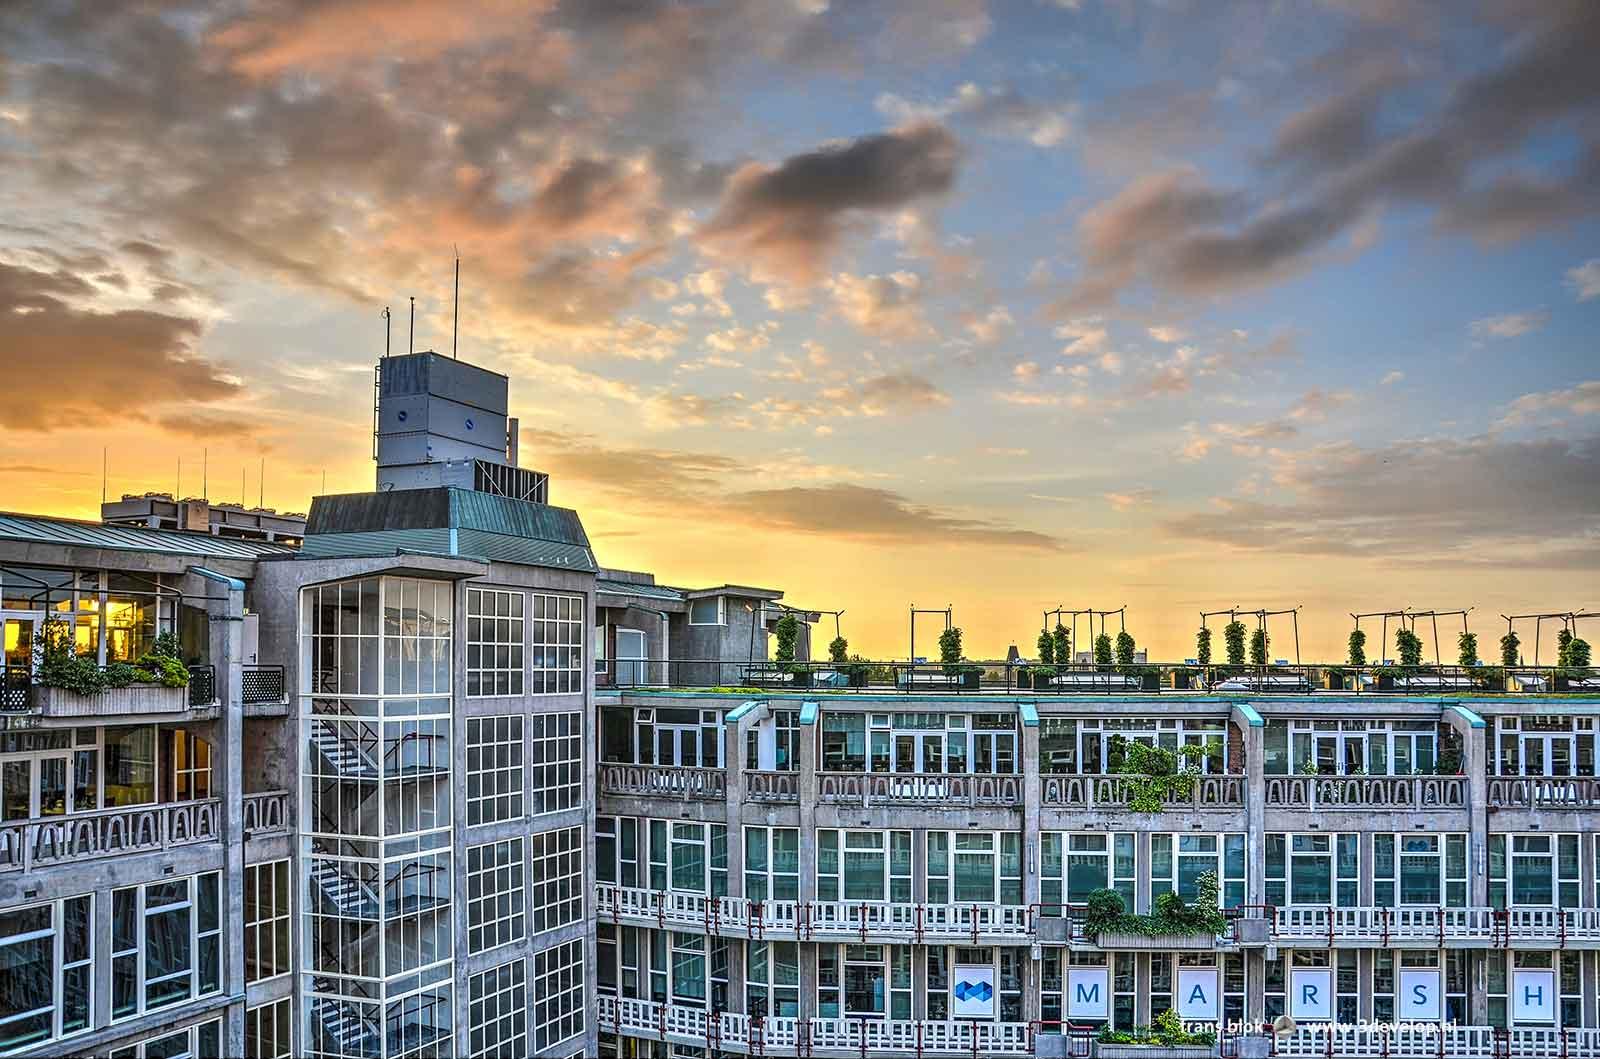 Een van de binnenhoven van Maaskant's Groothandelsgebouw in Rotterdam tijdens zonsondergang